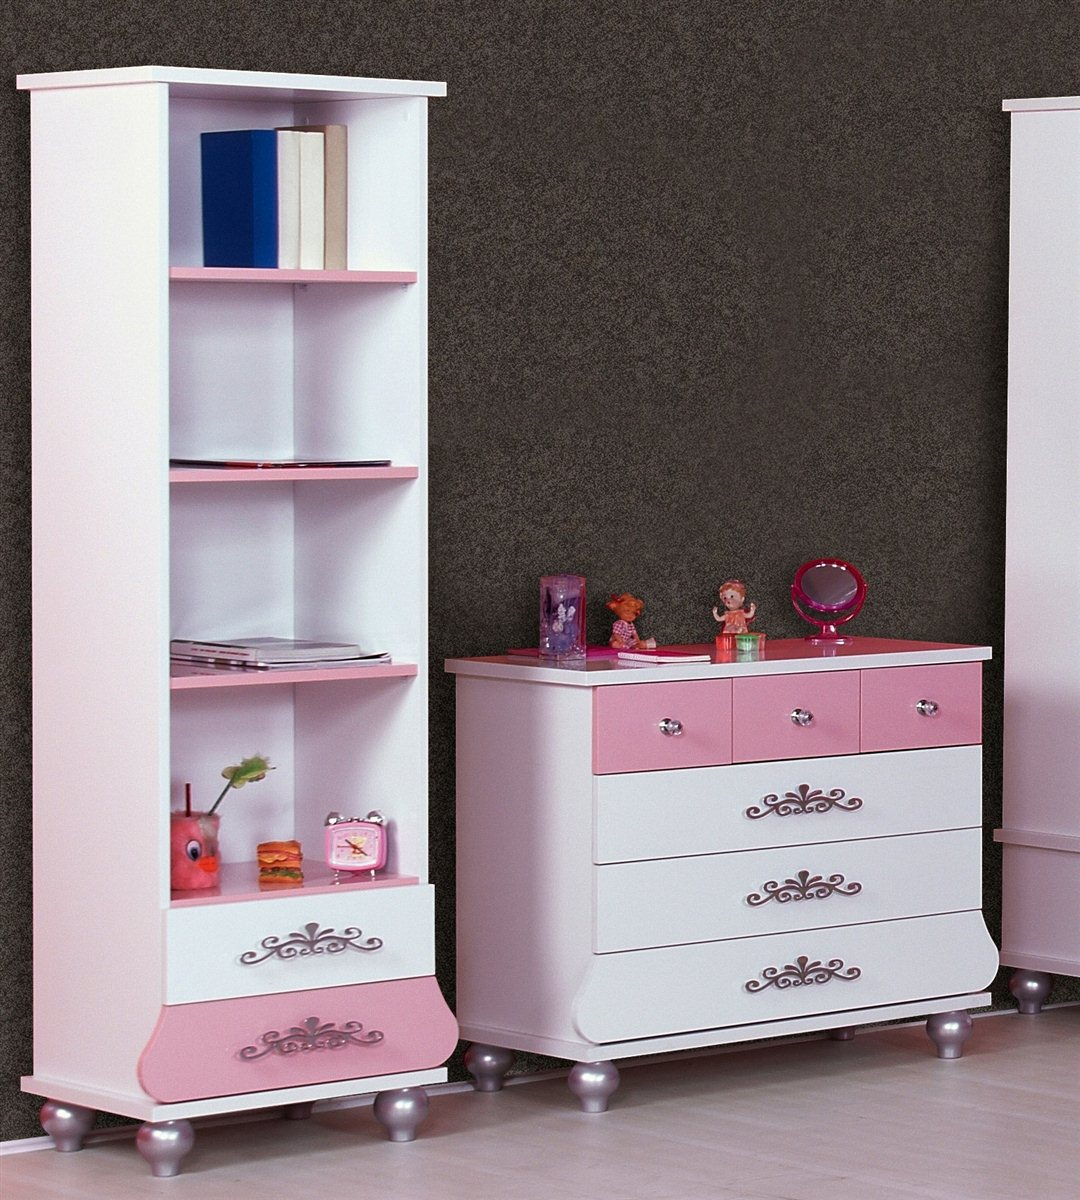 kinderzimmer prinzessin kinder bett m dchen pink prinzessinenbett kleiderschrank ebay. Black Bedroom Furniture Sets. Home Design Ideas